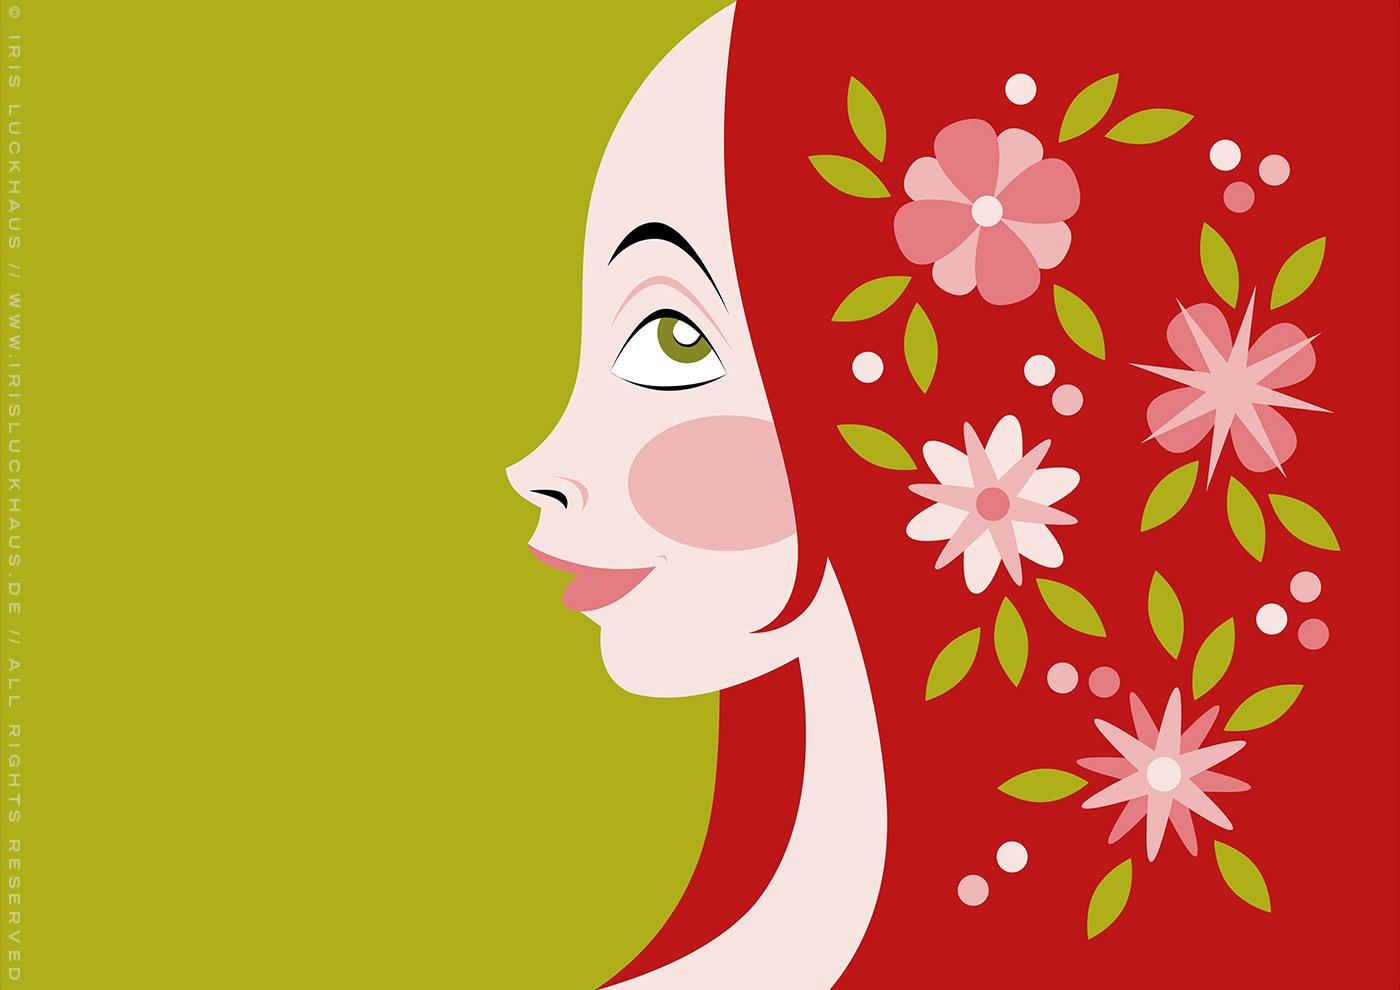 Farbenfrohe Vektorillustration mit dem Portrait eines Mädchen Profil im Mai mit Blumen im roten Haar von Iris Luckhaus